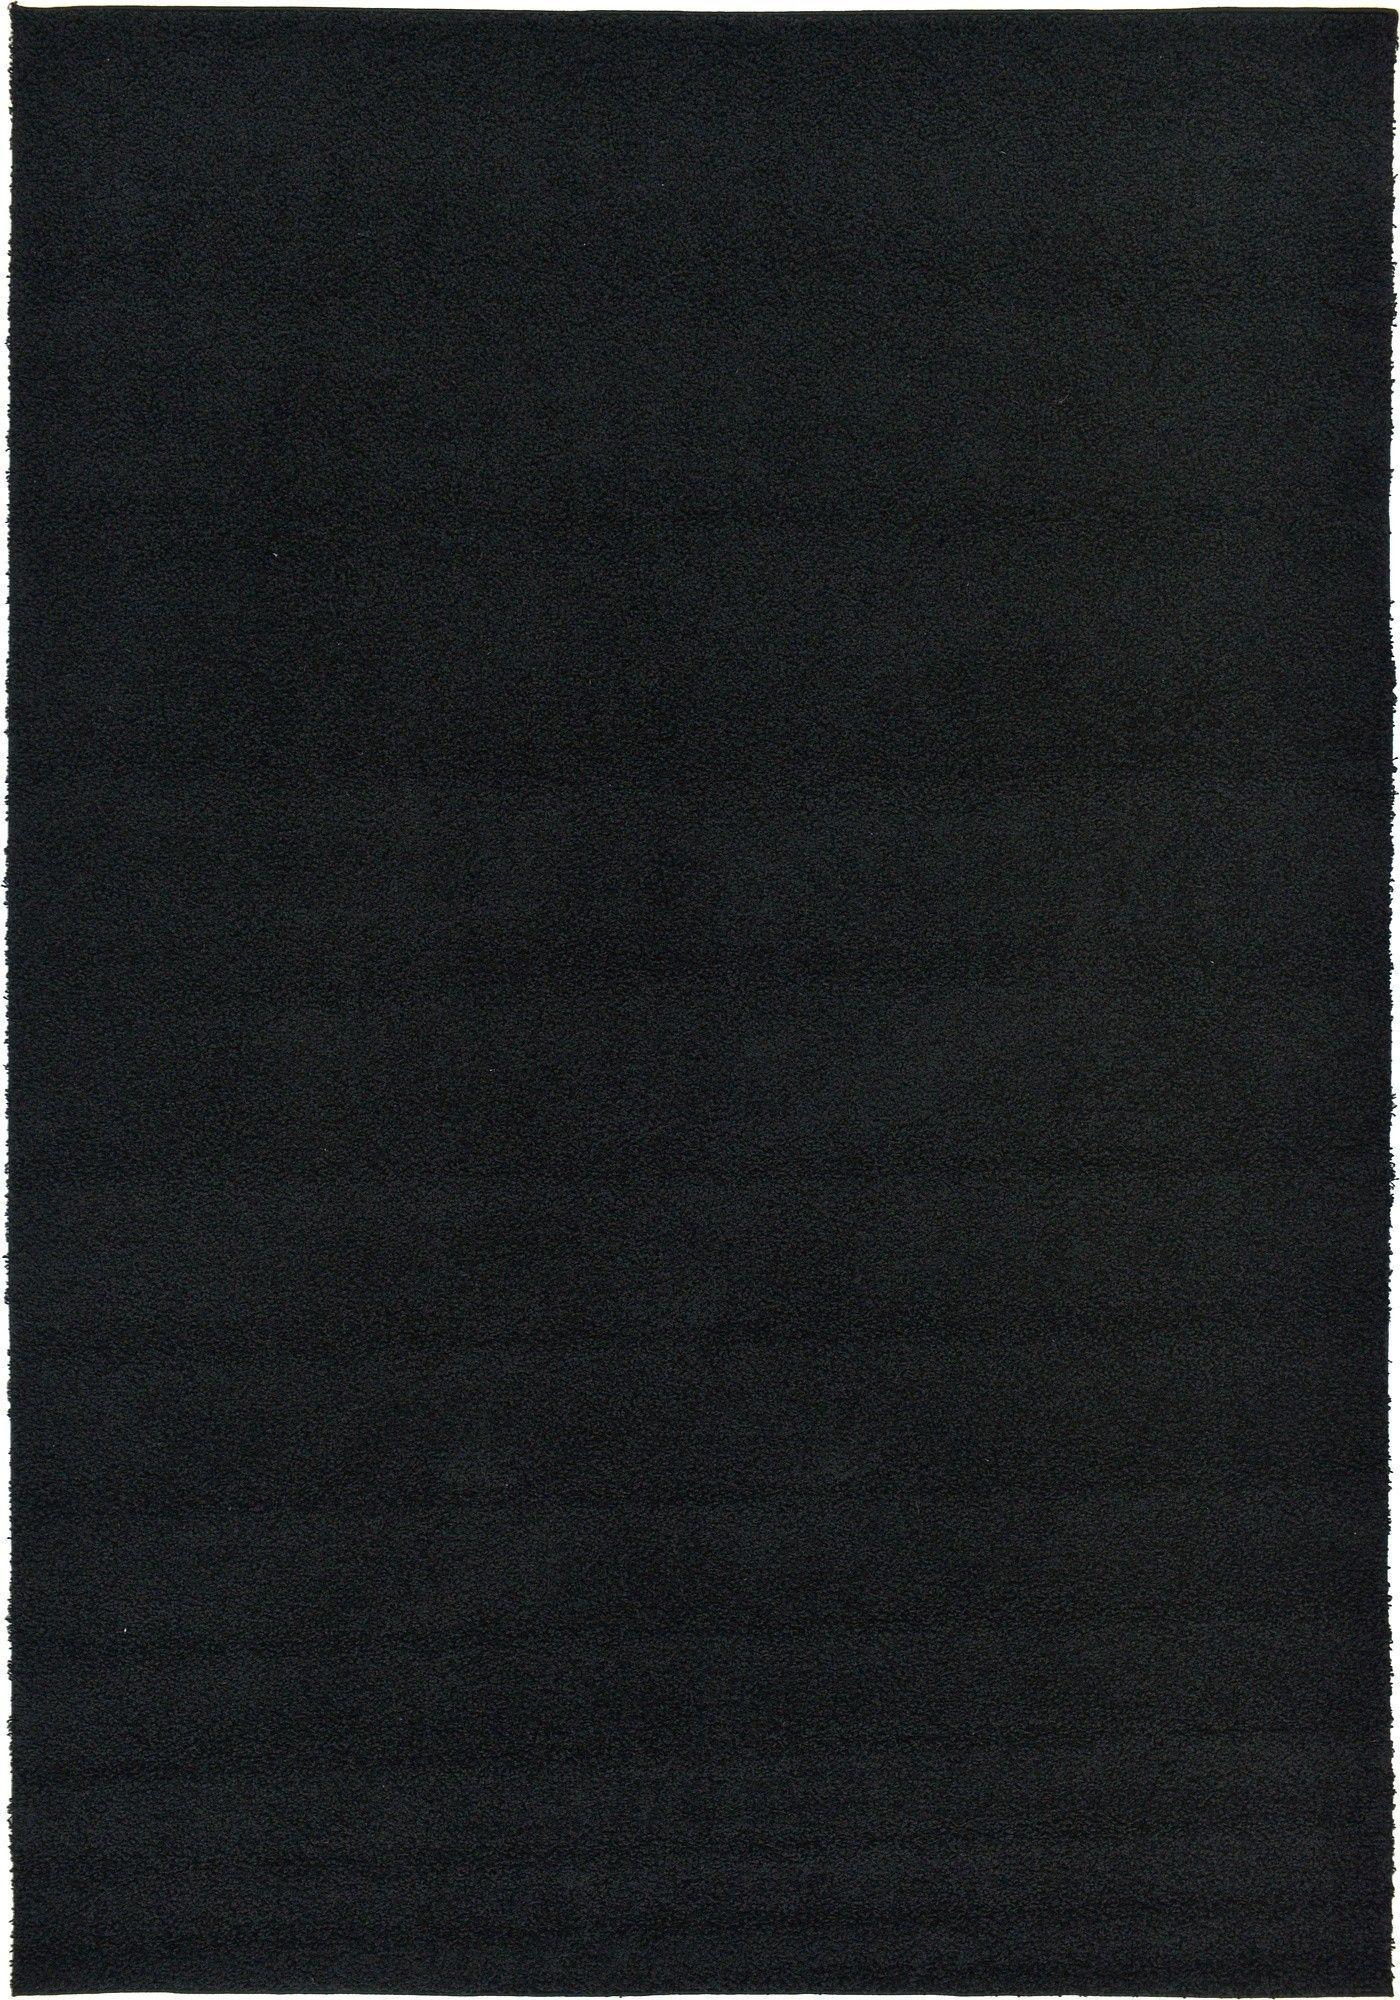 Goldie Black Area Rug